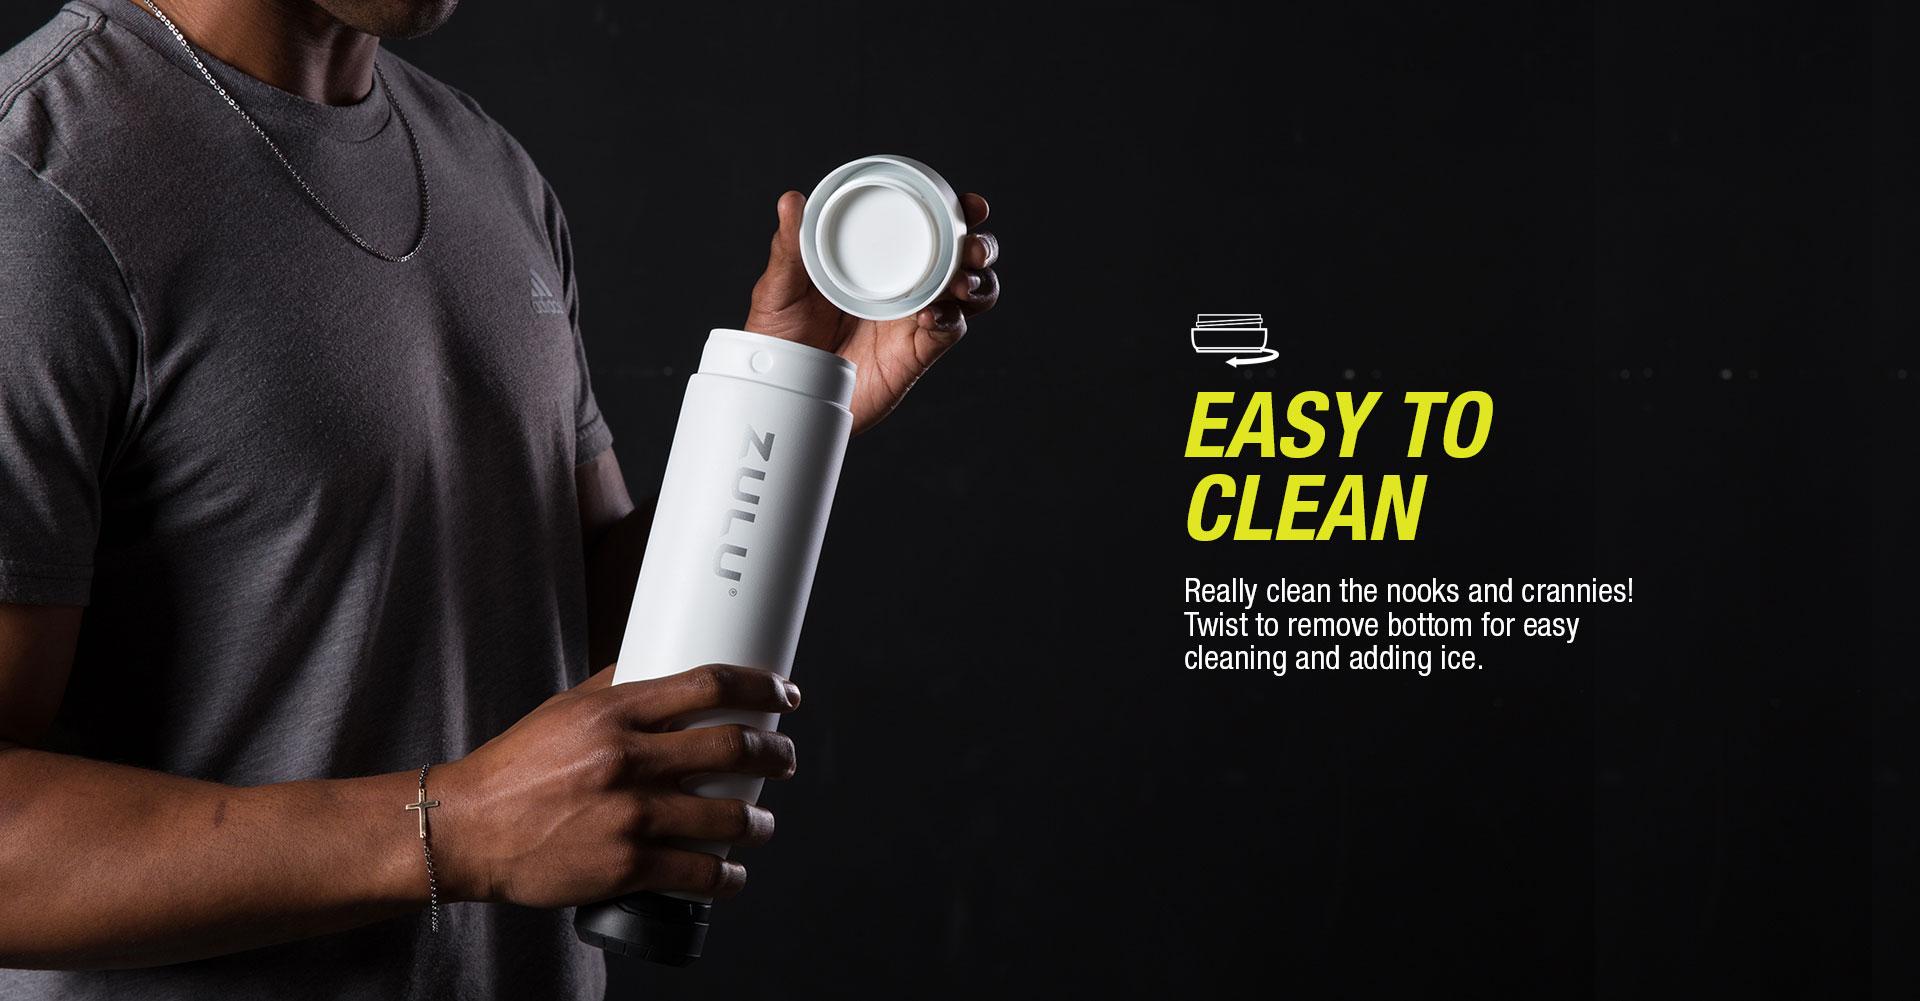 2019.01.29_Zulu_Ace-Water-Bottle_Banner01_Website_Easy-to-Clean.jpg